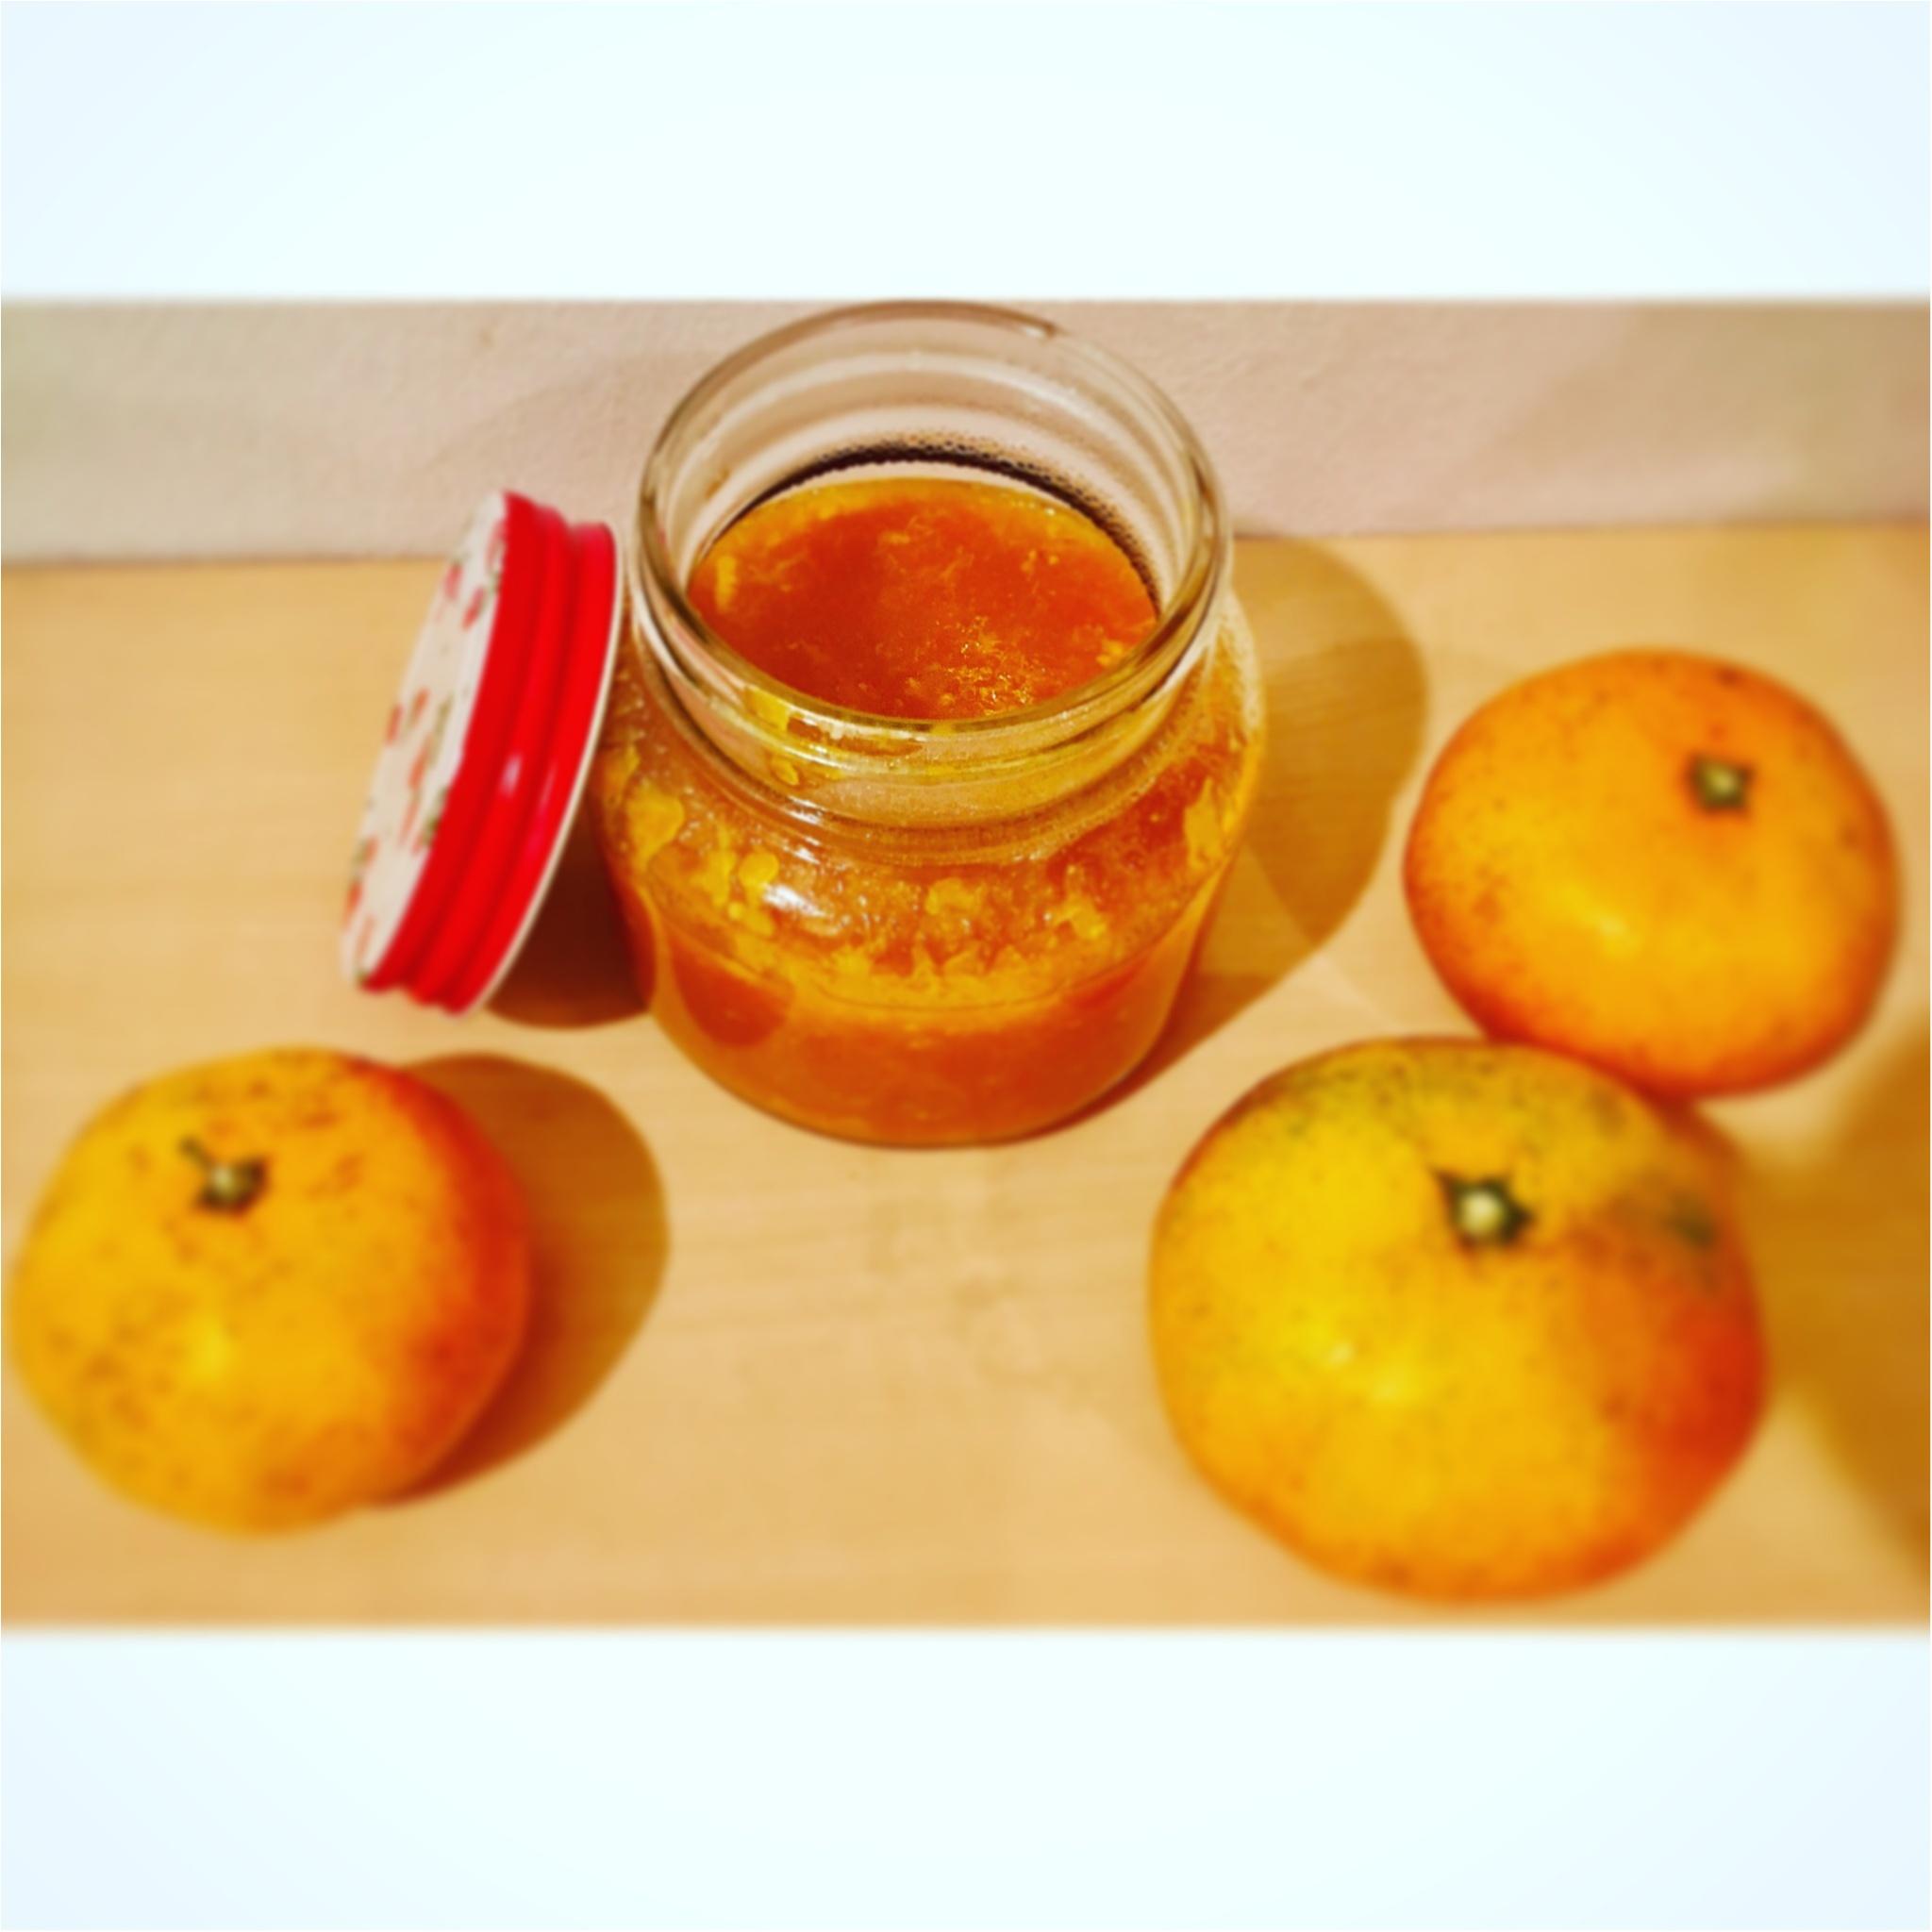 【料理▶レシピ有り】青山ファーマーズマーケットで見つけたフルーツで簡単ジャム作り☺_3